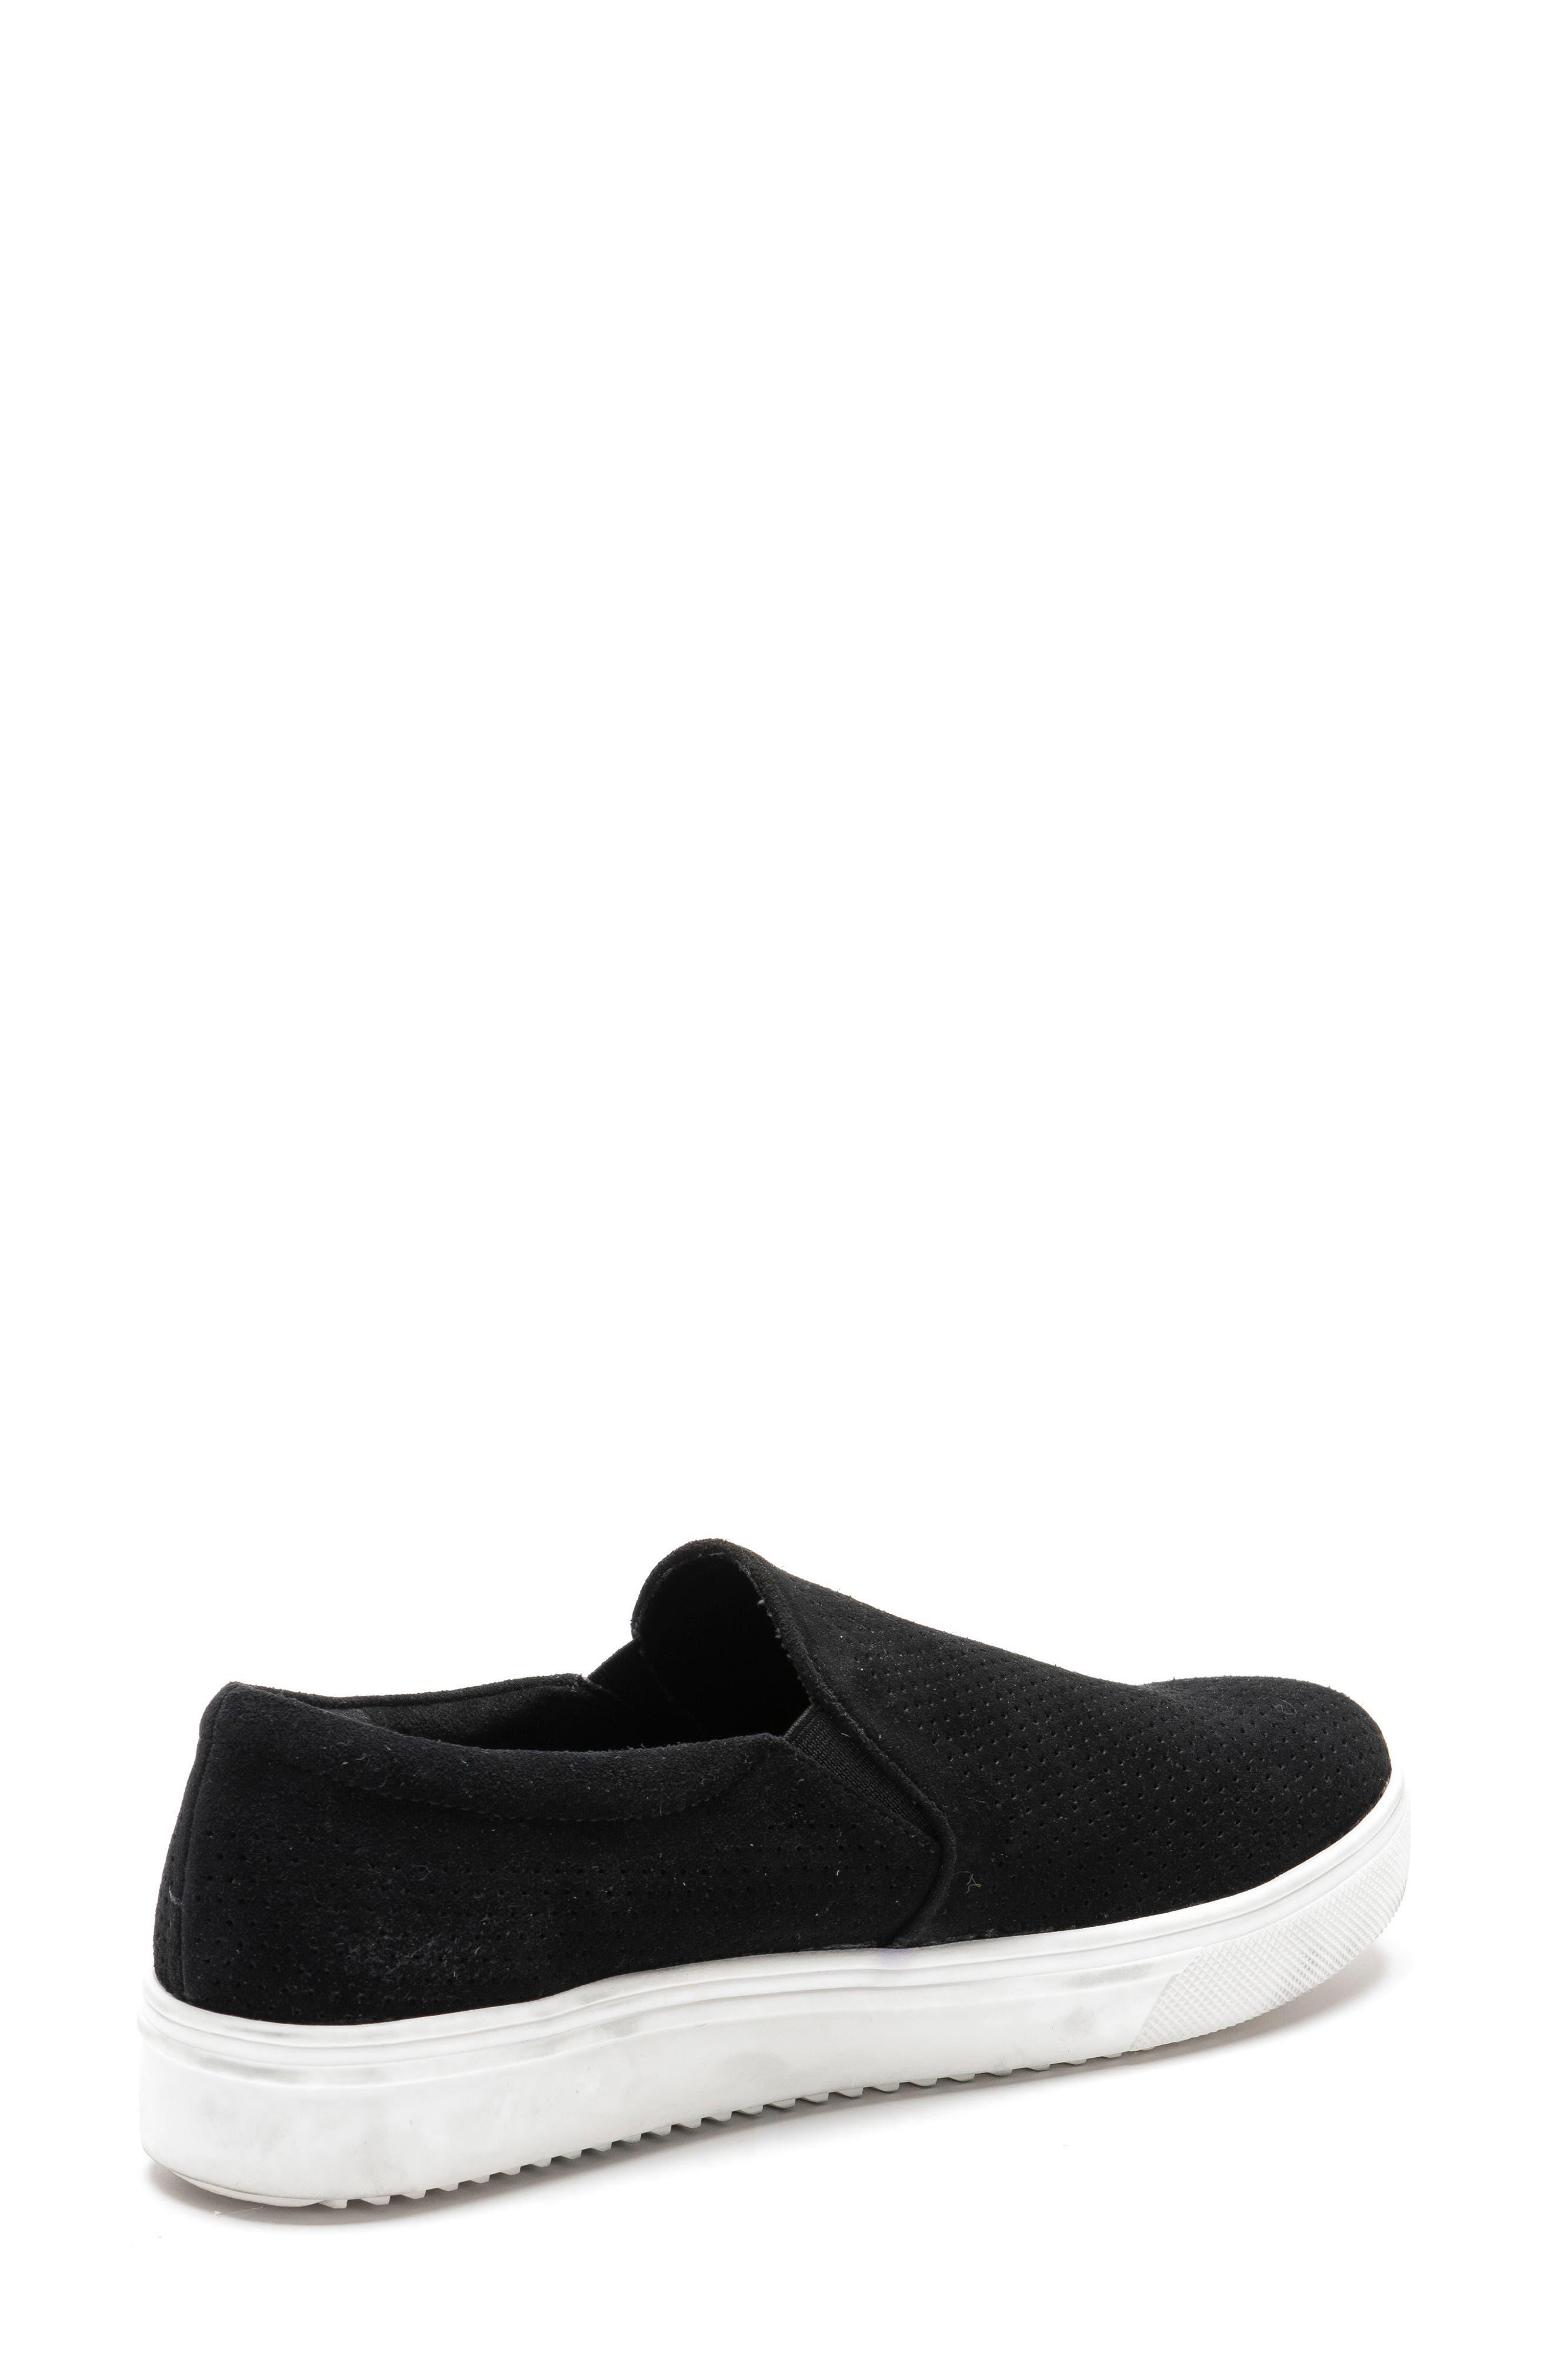 Gallert Perforated Waterproof Platform Sneaker,                             Alternate thumbnail 2, color,                             BLACK SUEDE